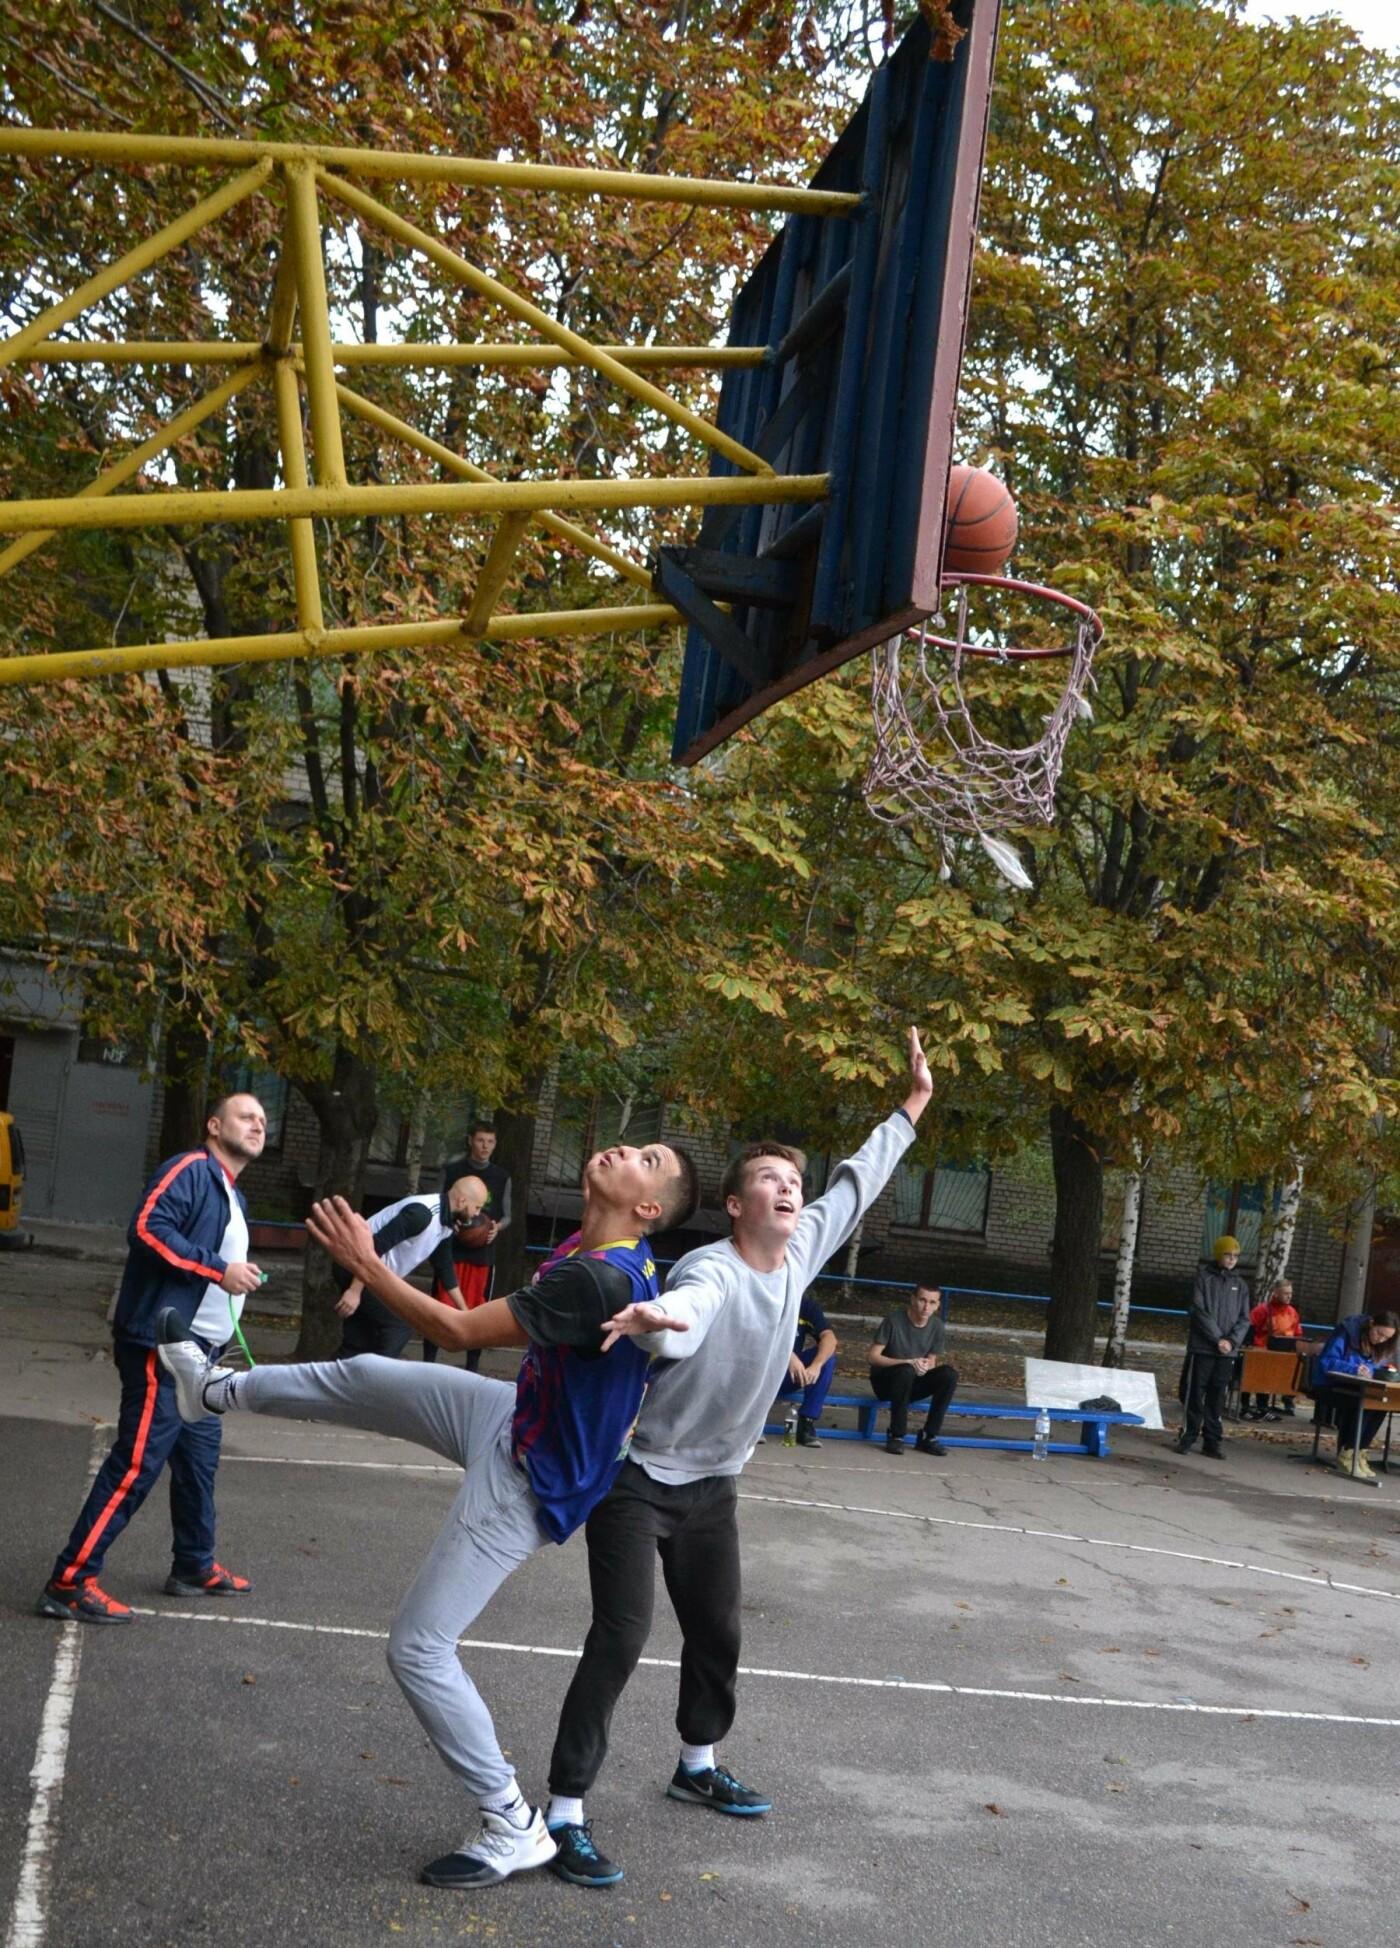 В Запорожье с успехом прошли соревнования по стритболу среди аматоров при финансовой поддержке мецената Александра Богуслаева, фото-5